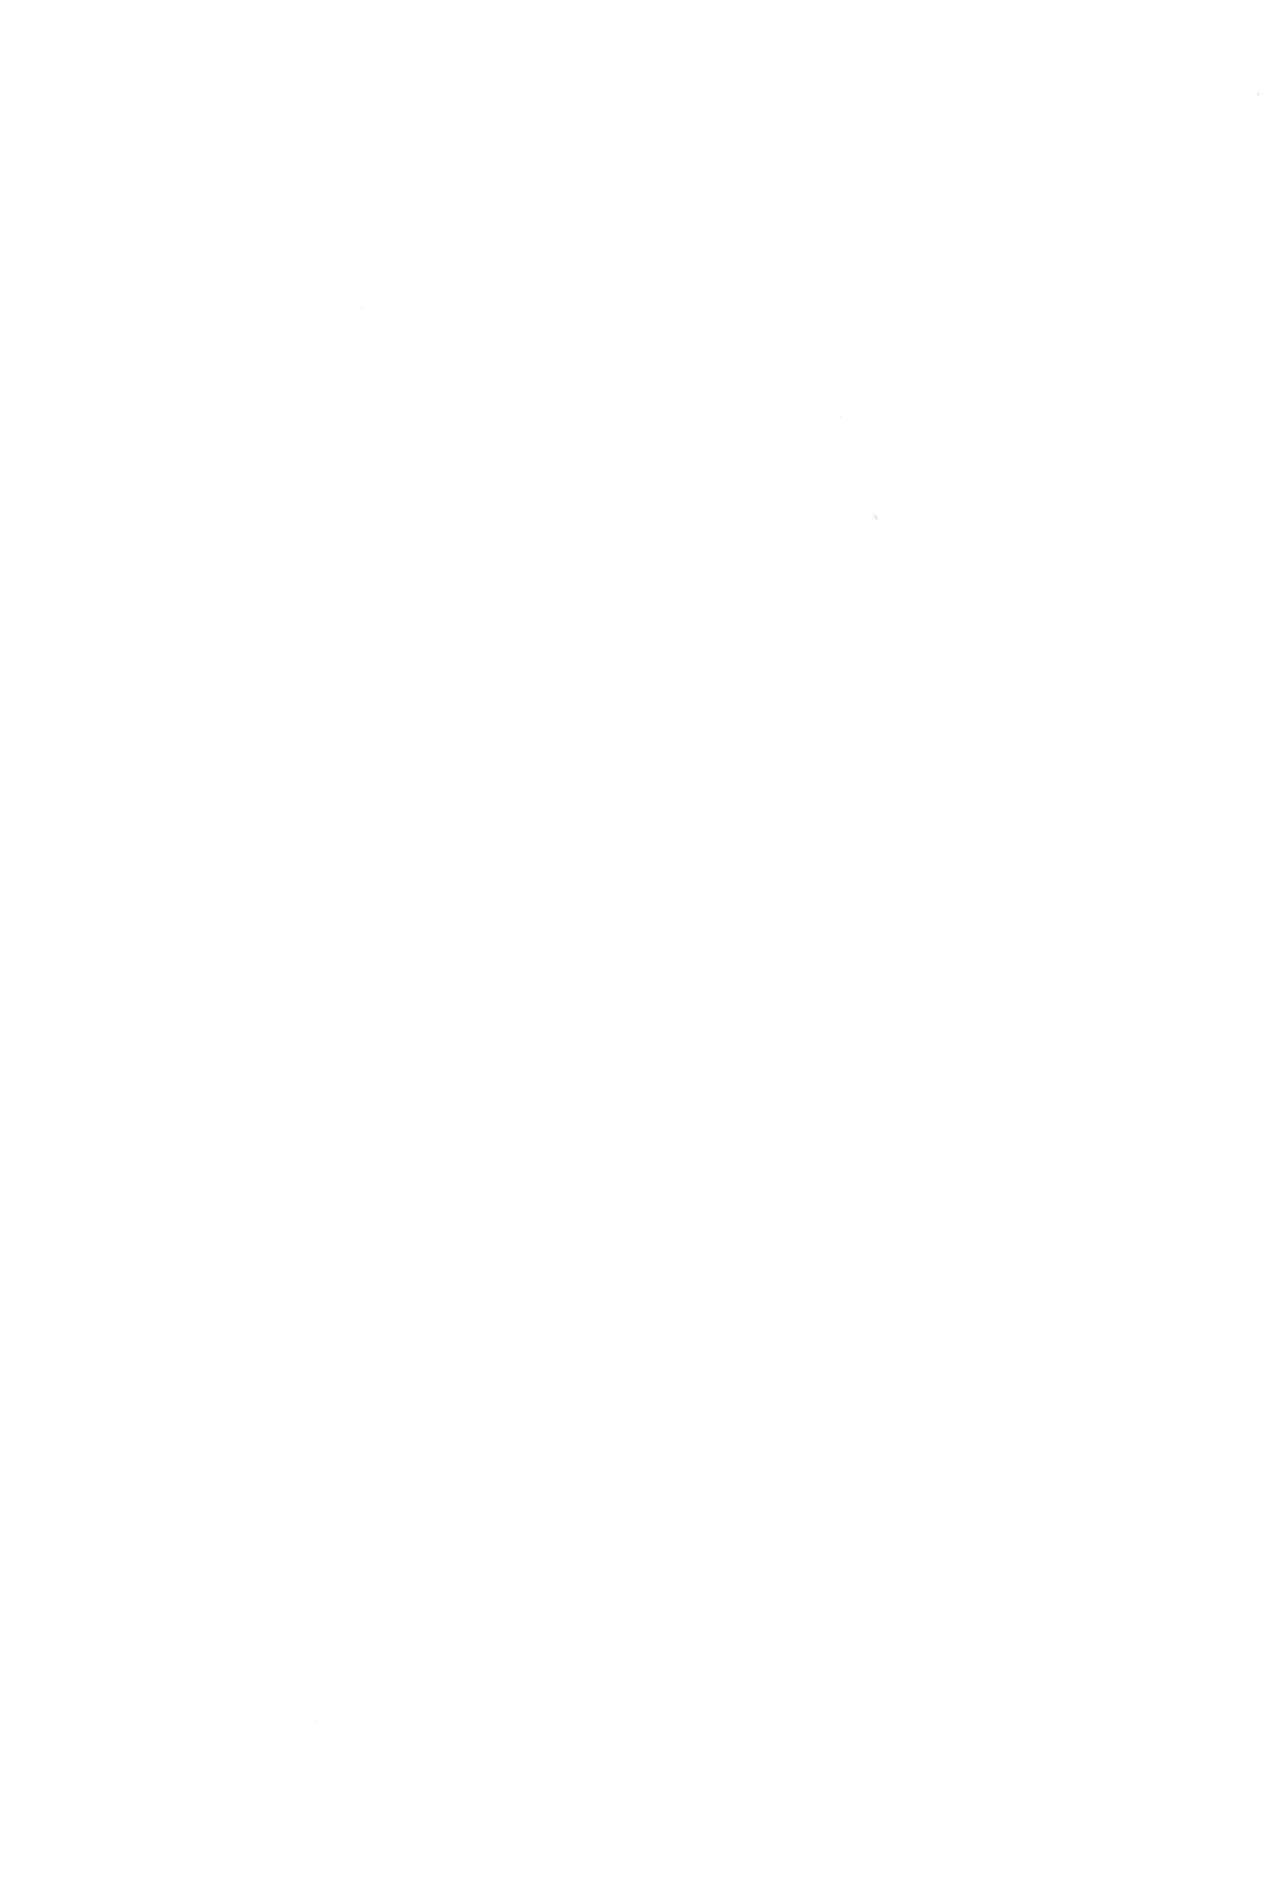 (C95) [Taikan Kyohougumi (Azusa Norihee)] Sakura-chan to Oshigoto Challenge - Ona-Hole Challenge with Sakura (Cardcaptor Sakura) [English] [biribiri] 18